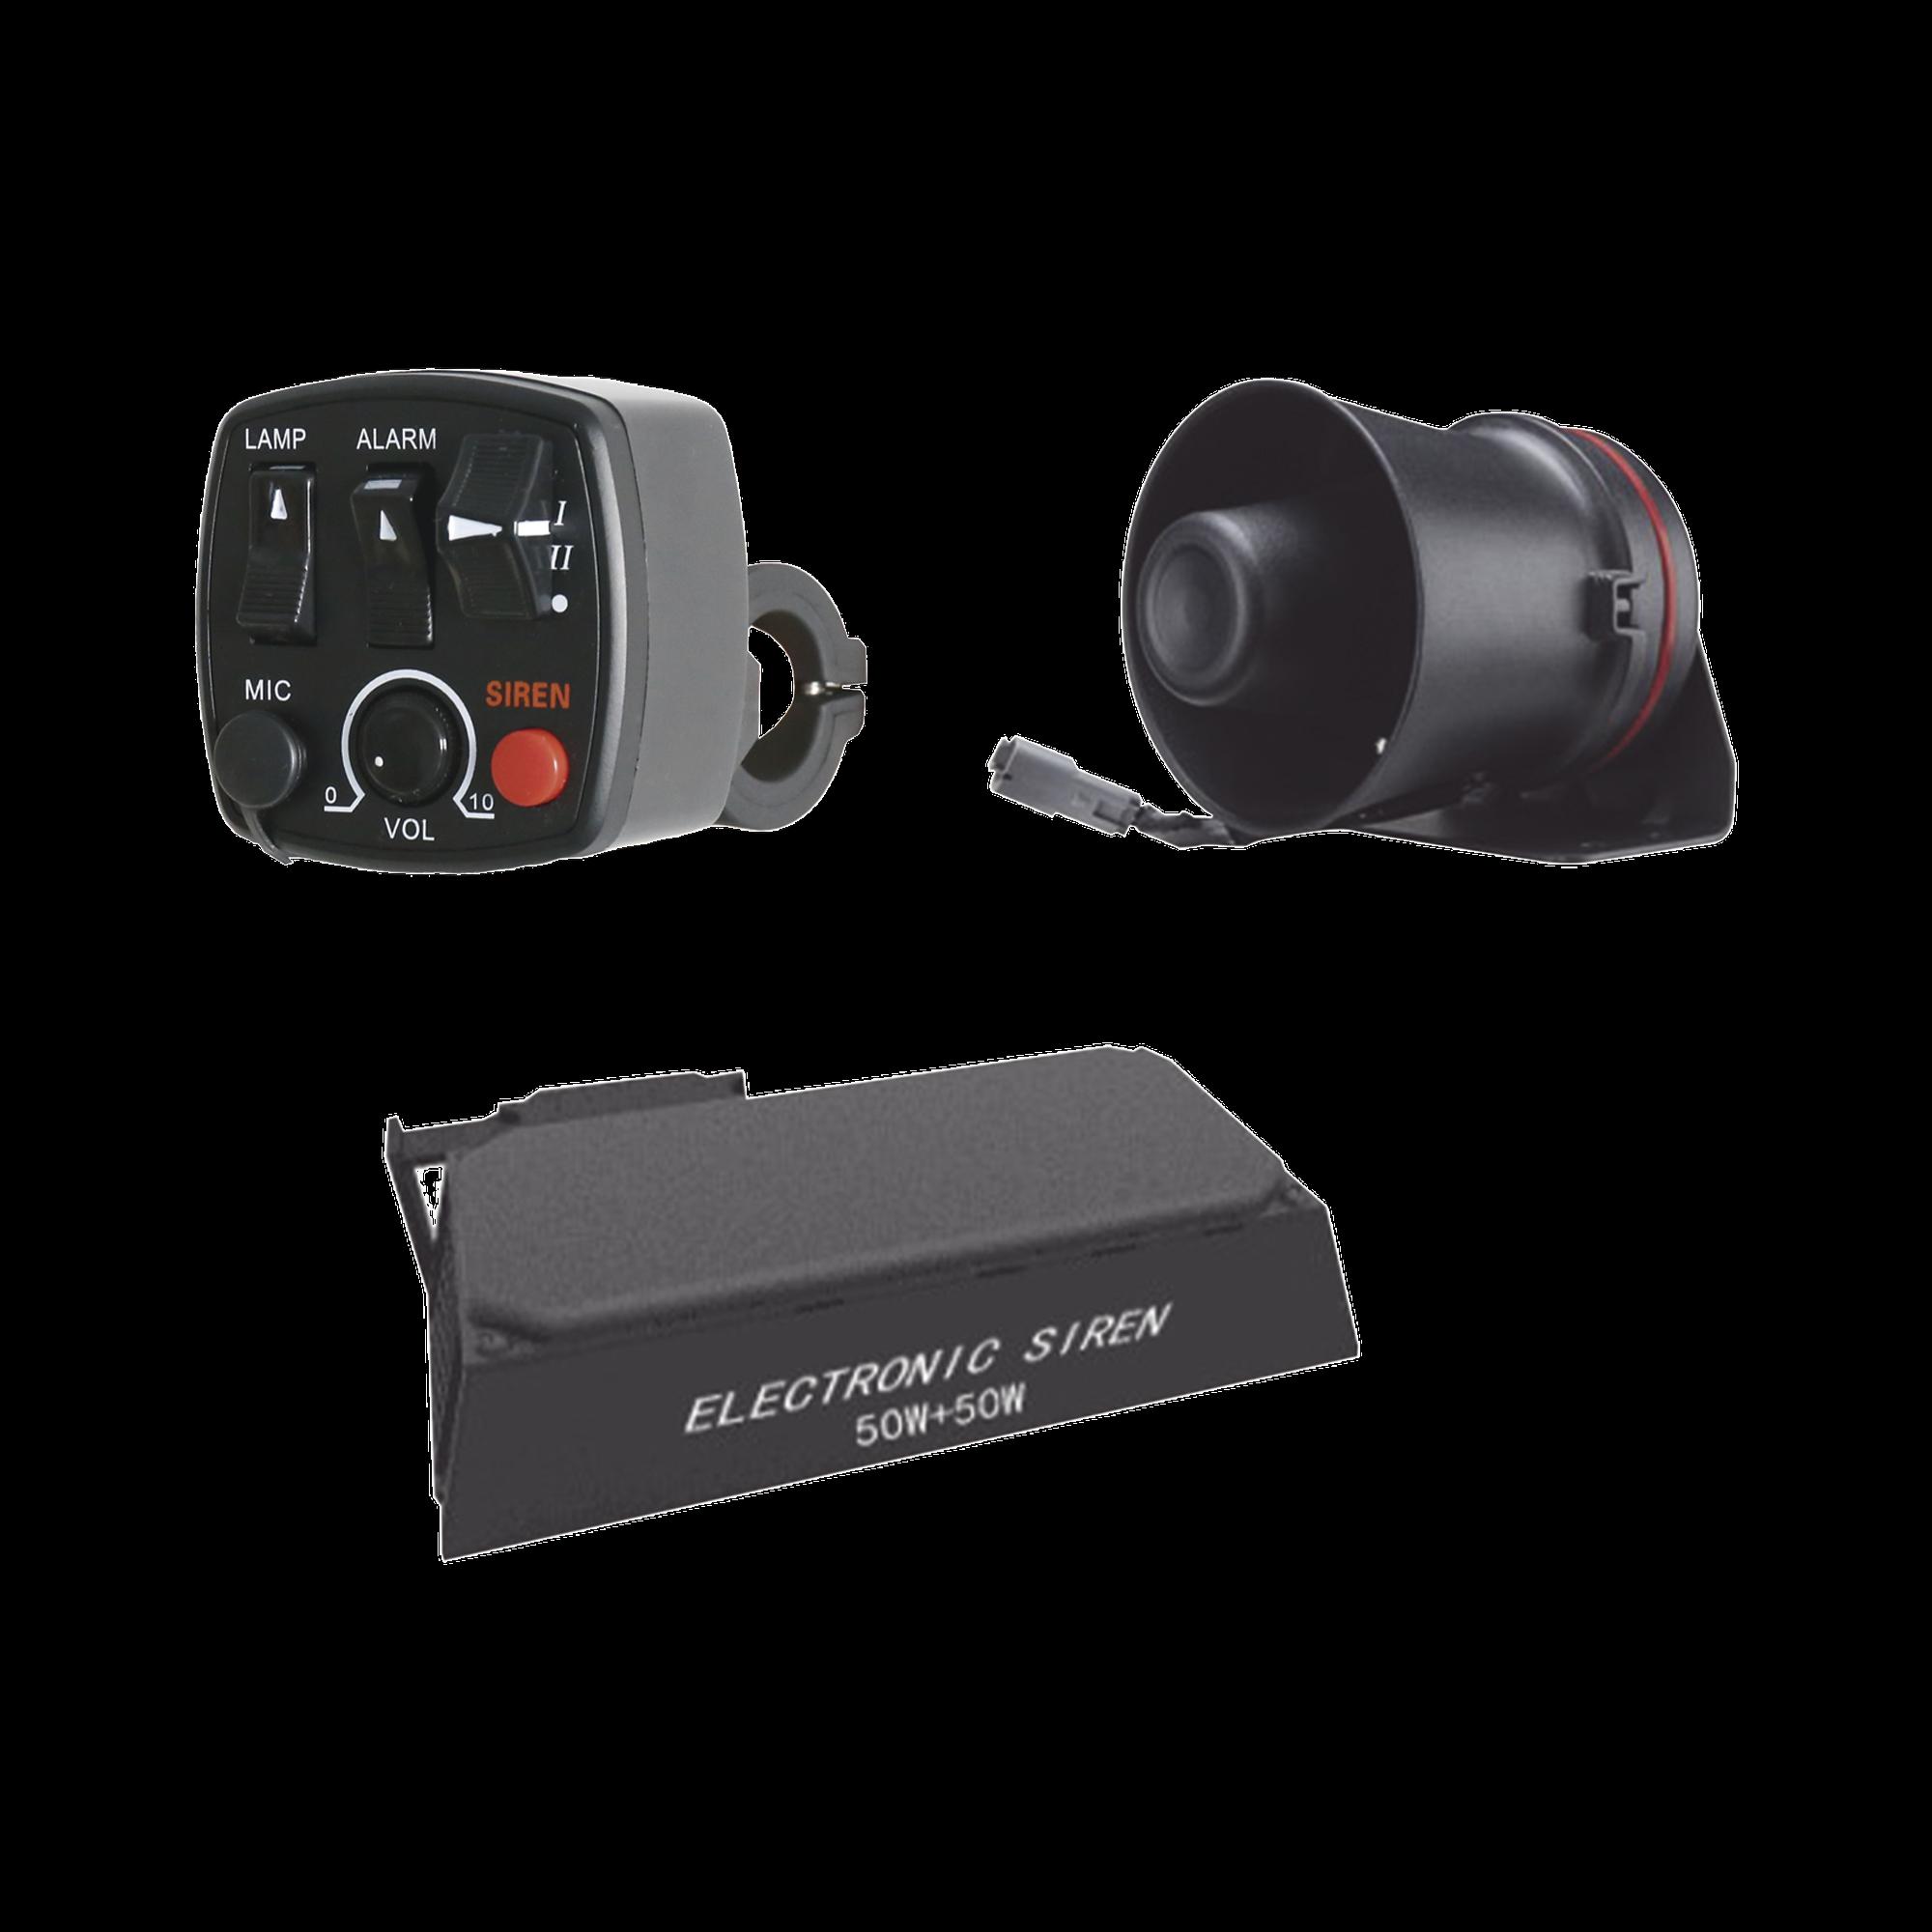 Kit para motocicleta EPCOM INDUSTRIAL, sirena, bocina y controlador